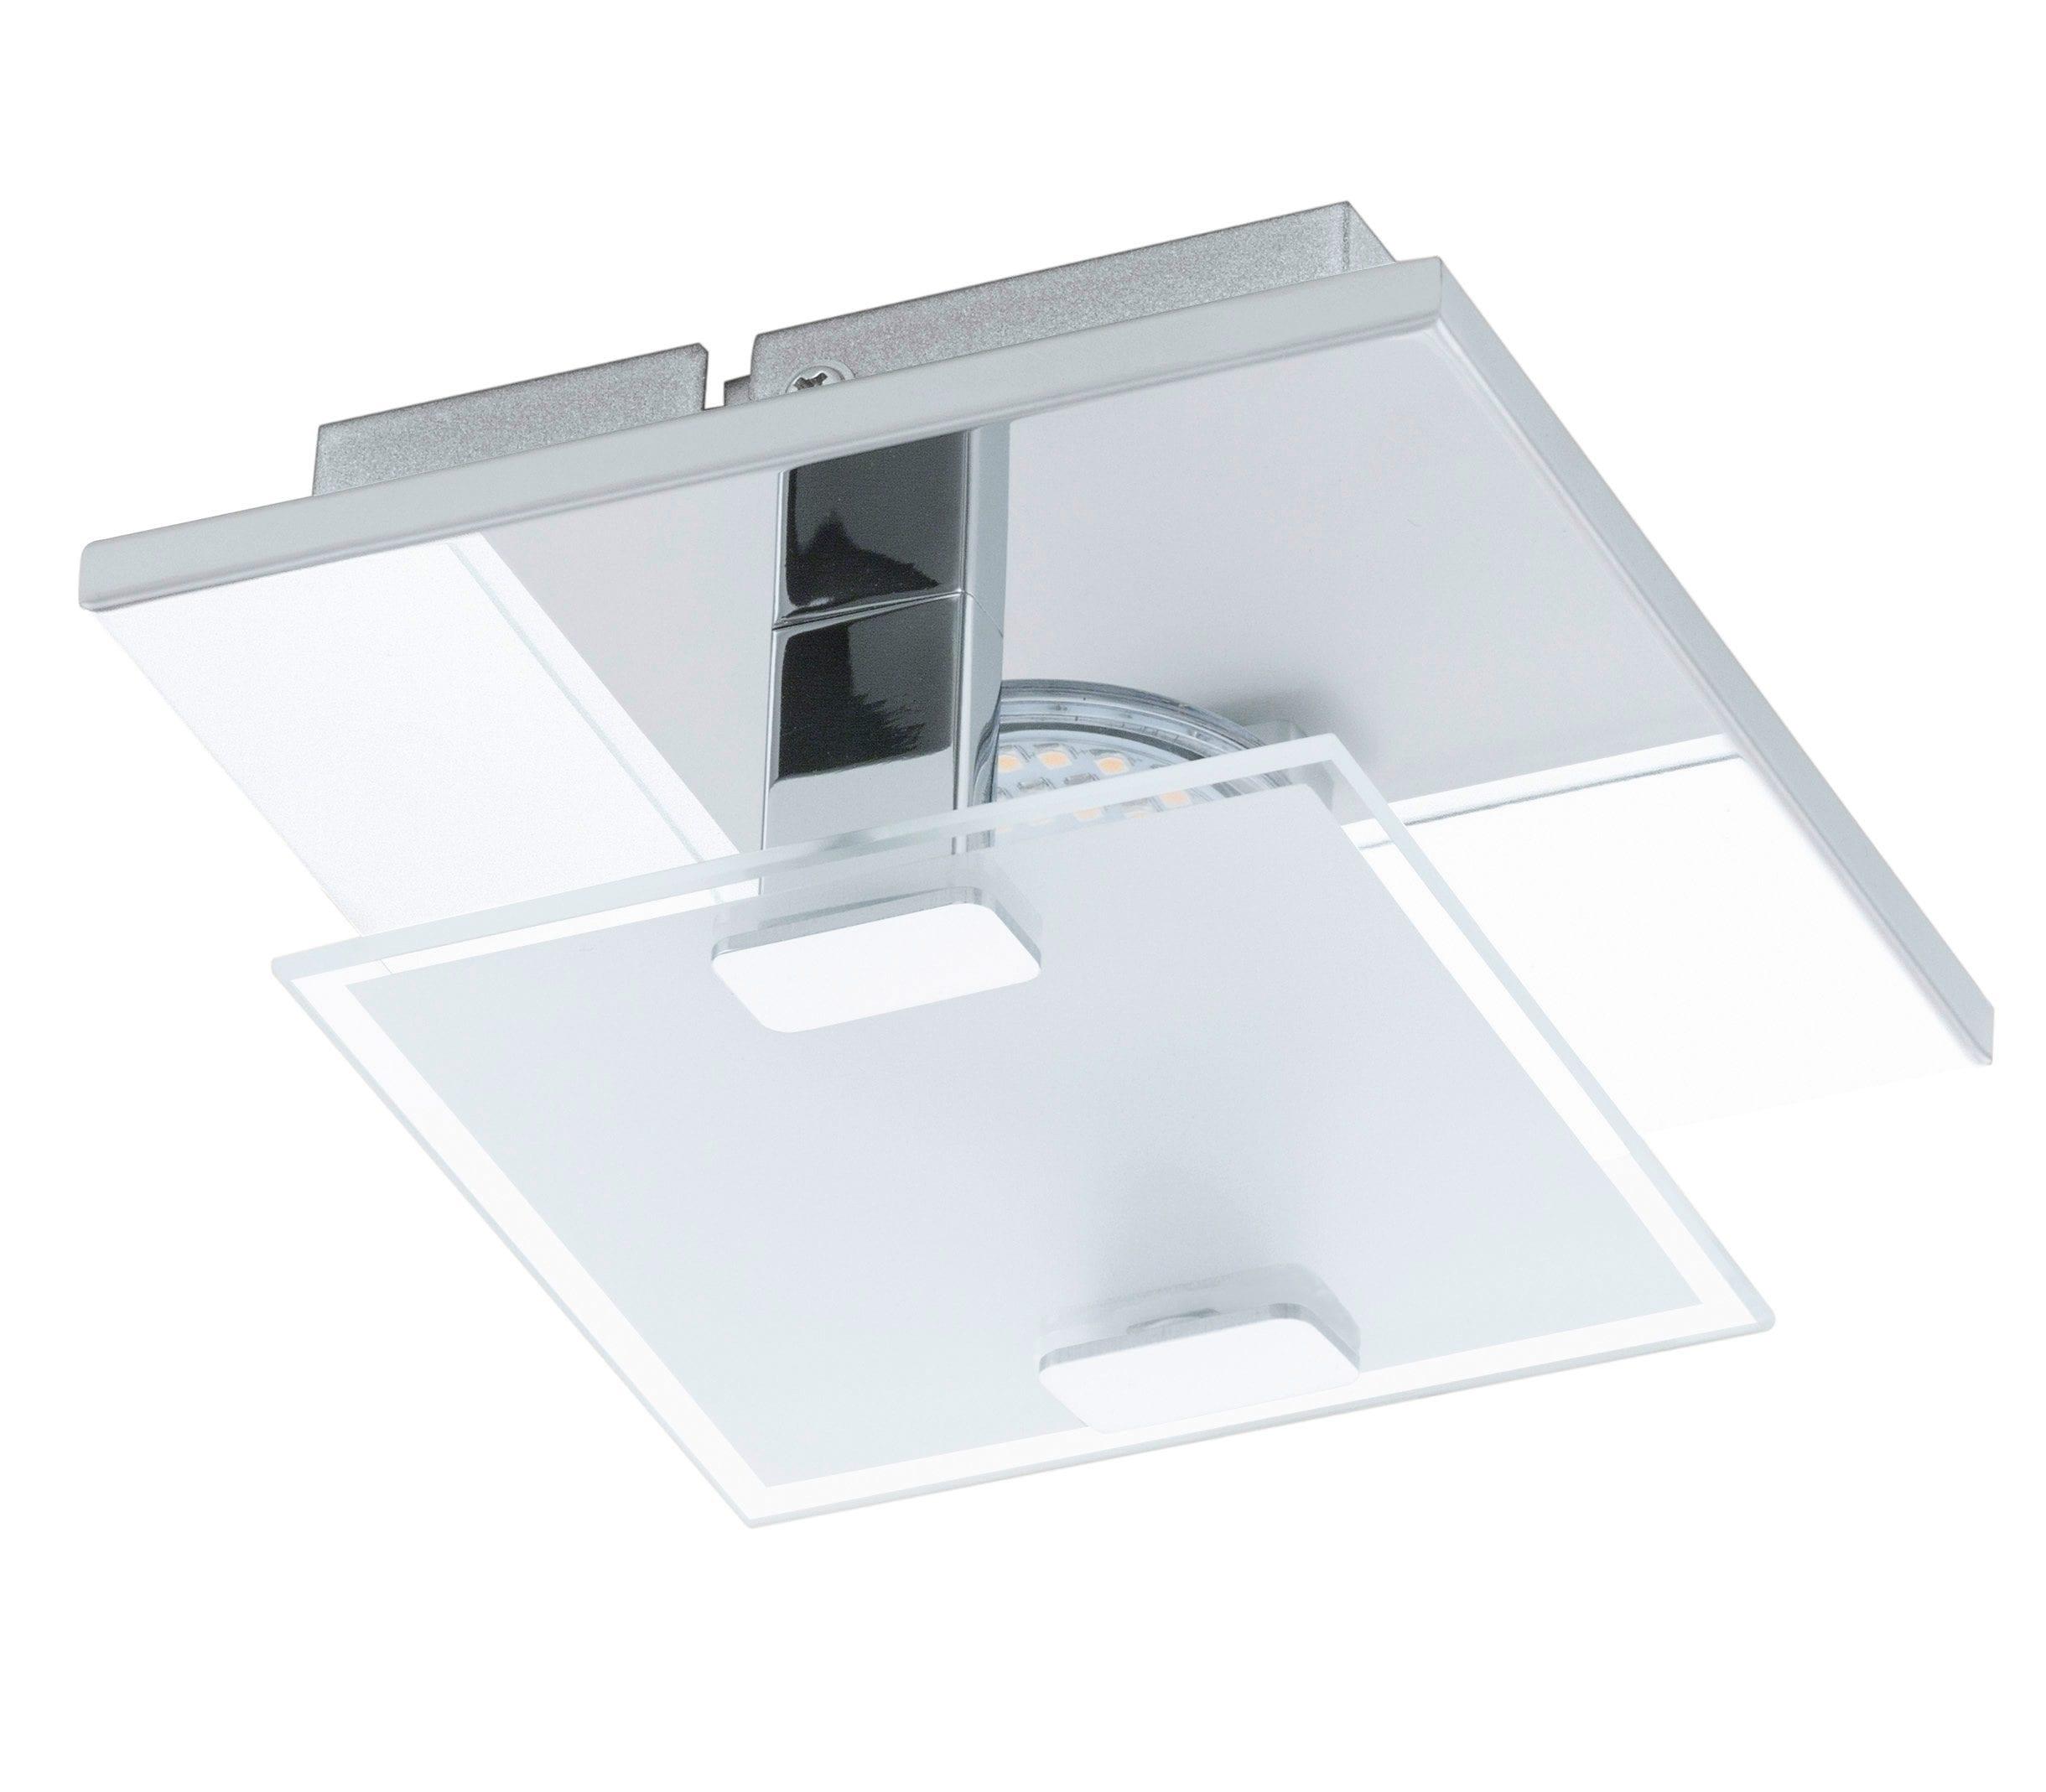 EGLO LED Wandleuchte VICARO   Lampen > Wandlampen   Edelstahl   Eglo